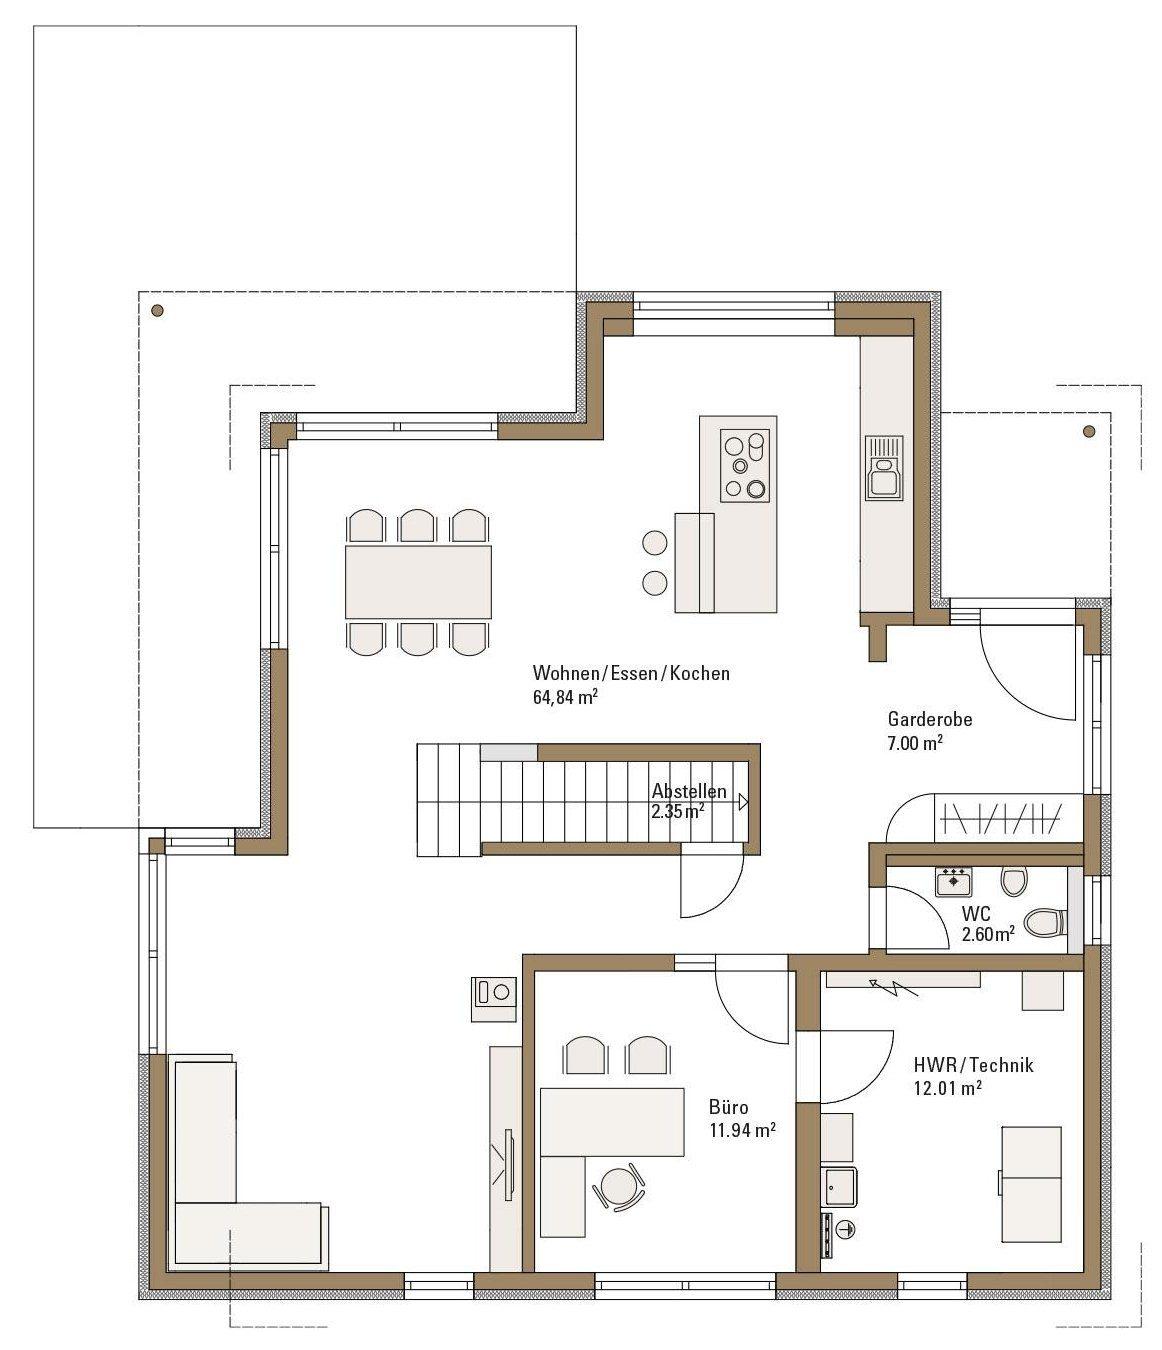 Musterhaus RELAX - Eine Nahaufnahme von einem Stück Papier - Gebäudeplan